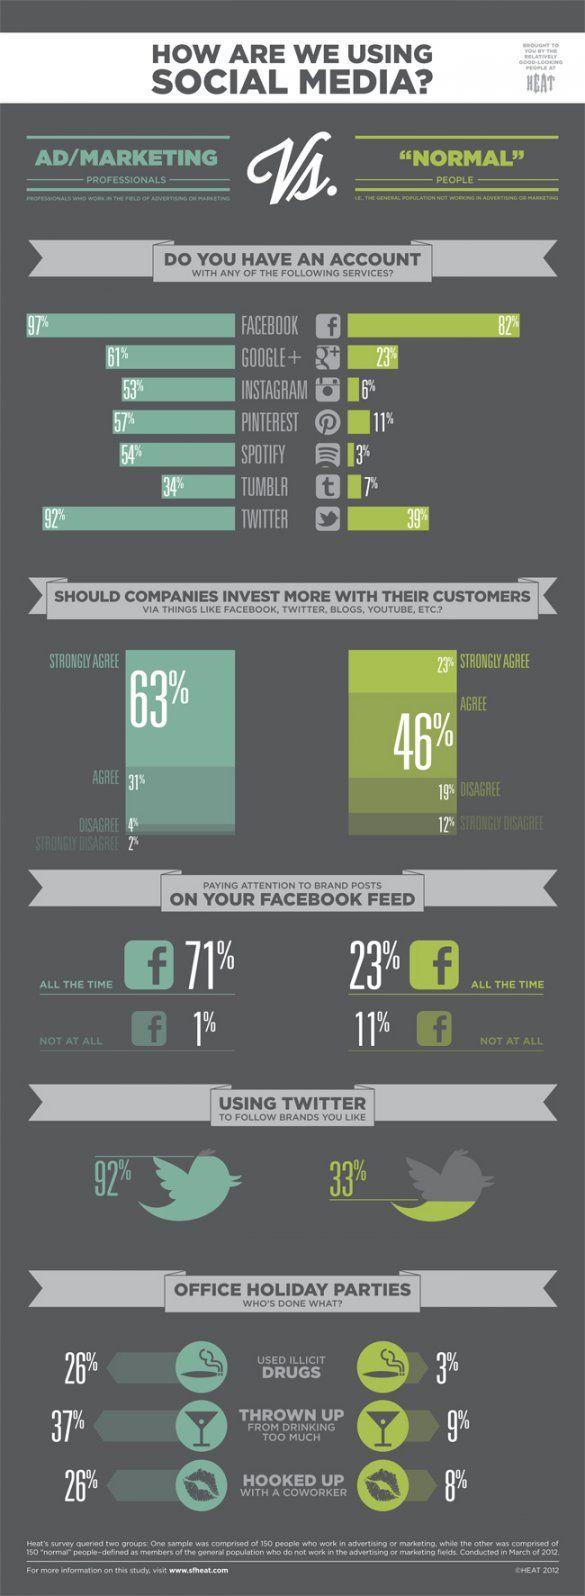 Diferencias entres profesionales del marketing y usuarios de redes sociales